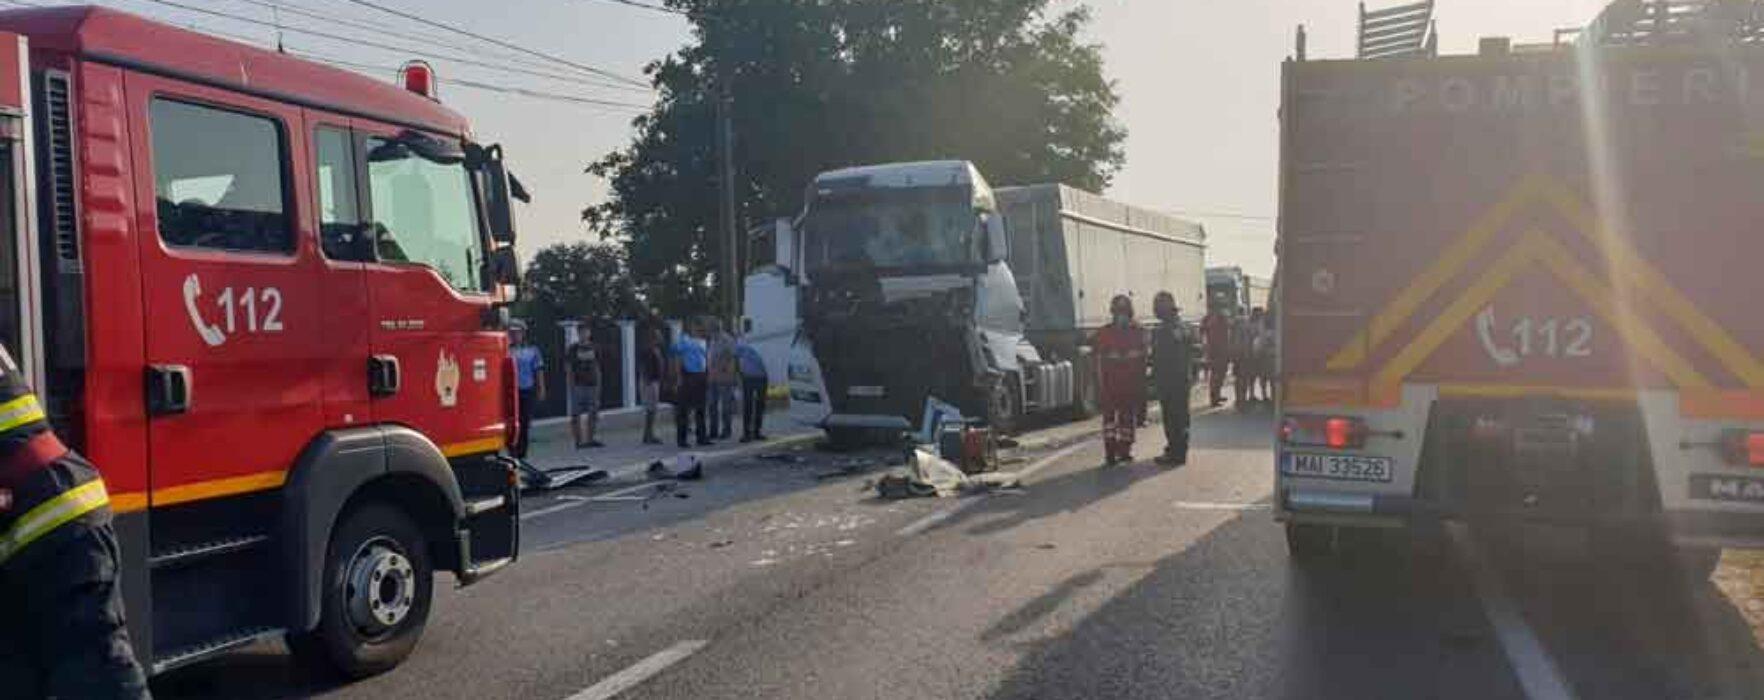 Dâmboviţa: Accident cu două TIR-uri pe DN 72, o persoană rănită; trafic blocat